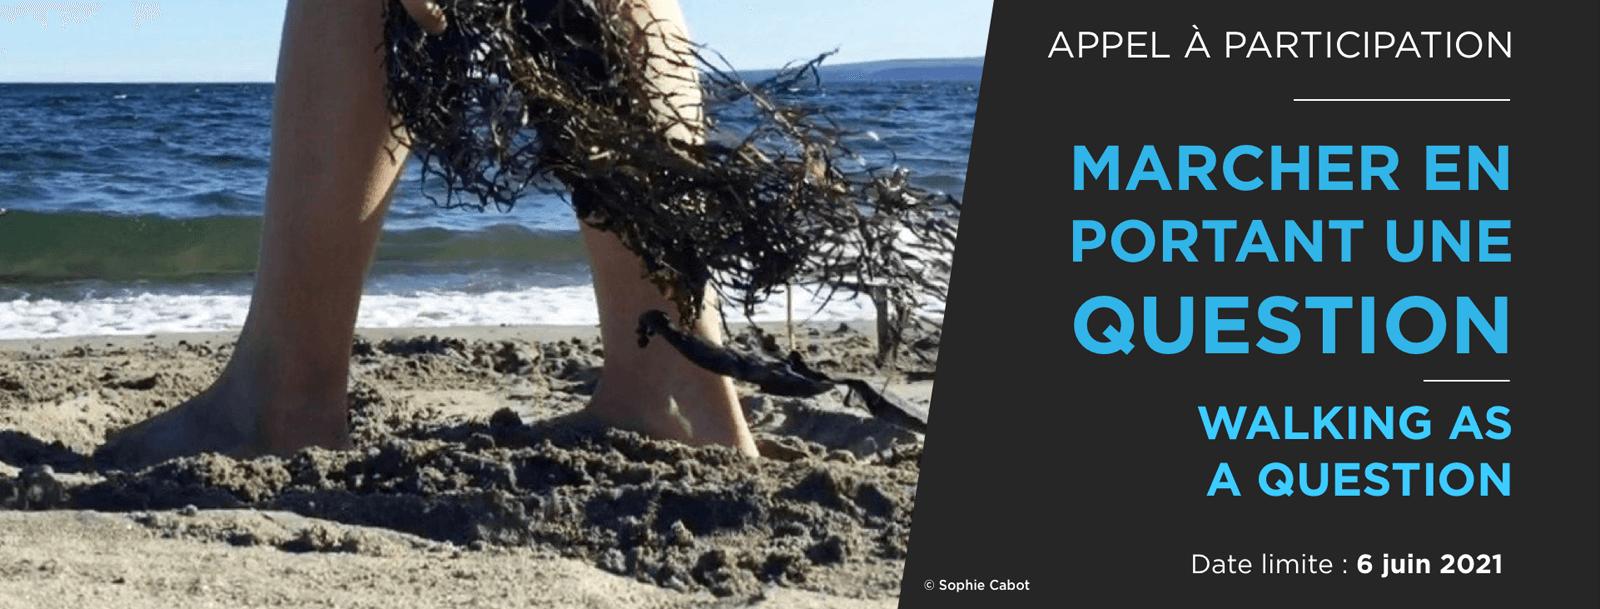 APPEL | MARCHER EN PORTANT UNE QUESTION